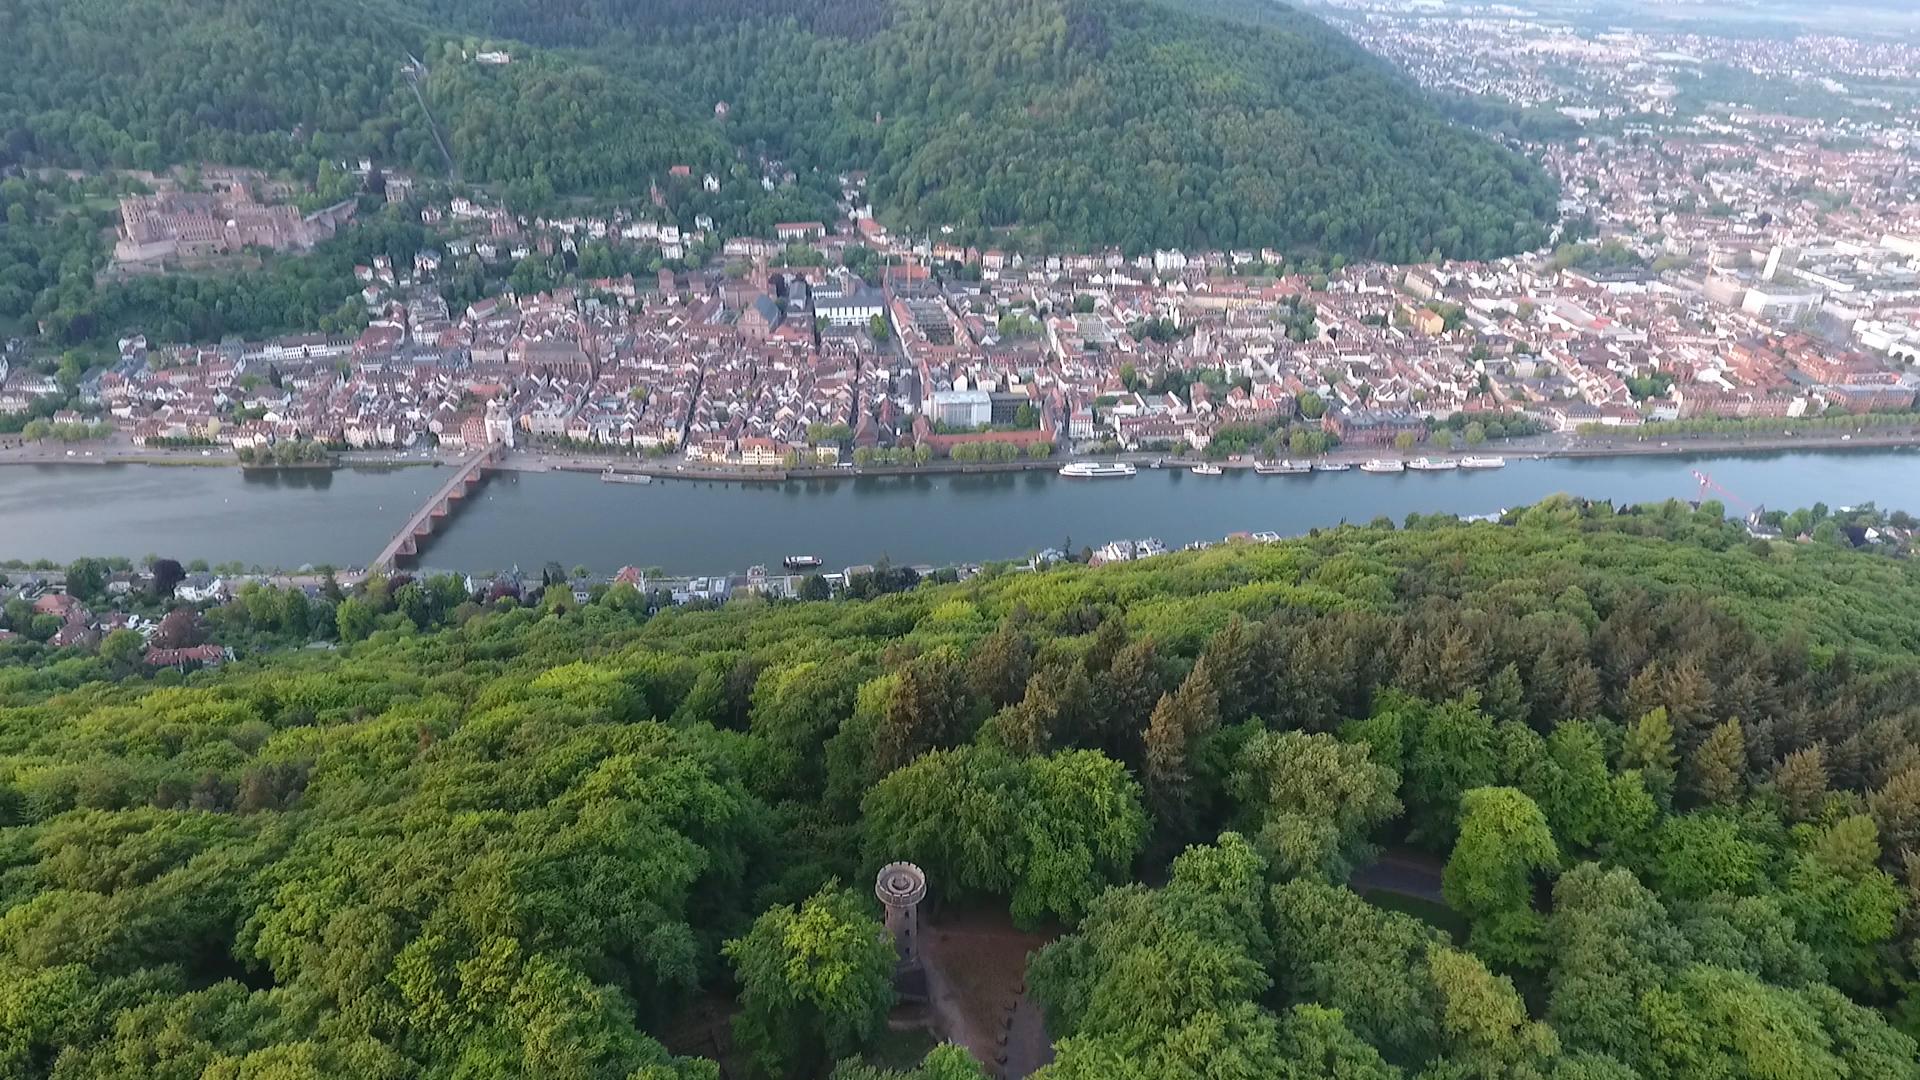 Stadt Heidelberg verteilt kostenlos medizinische Masken an Menschen mit Heidelberg-Pässen